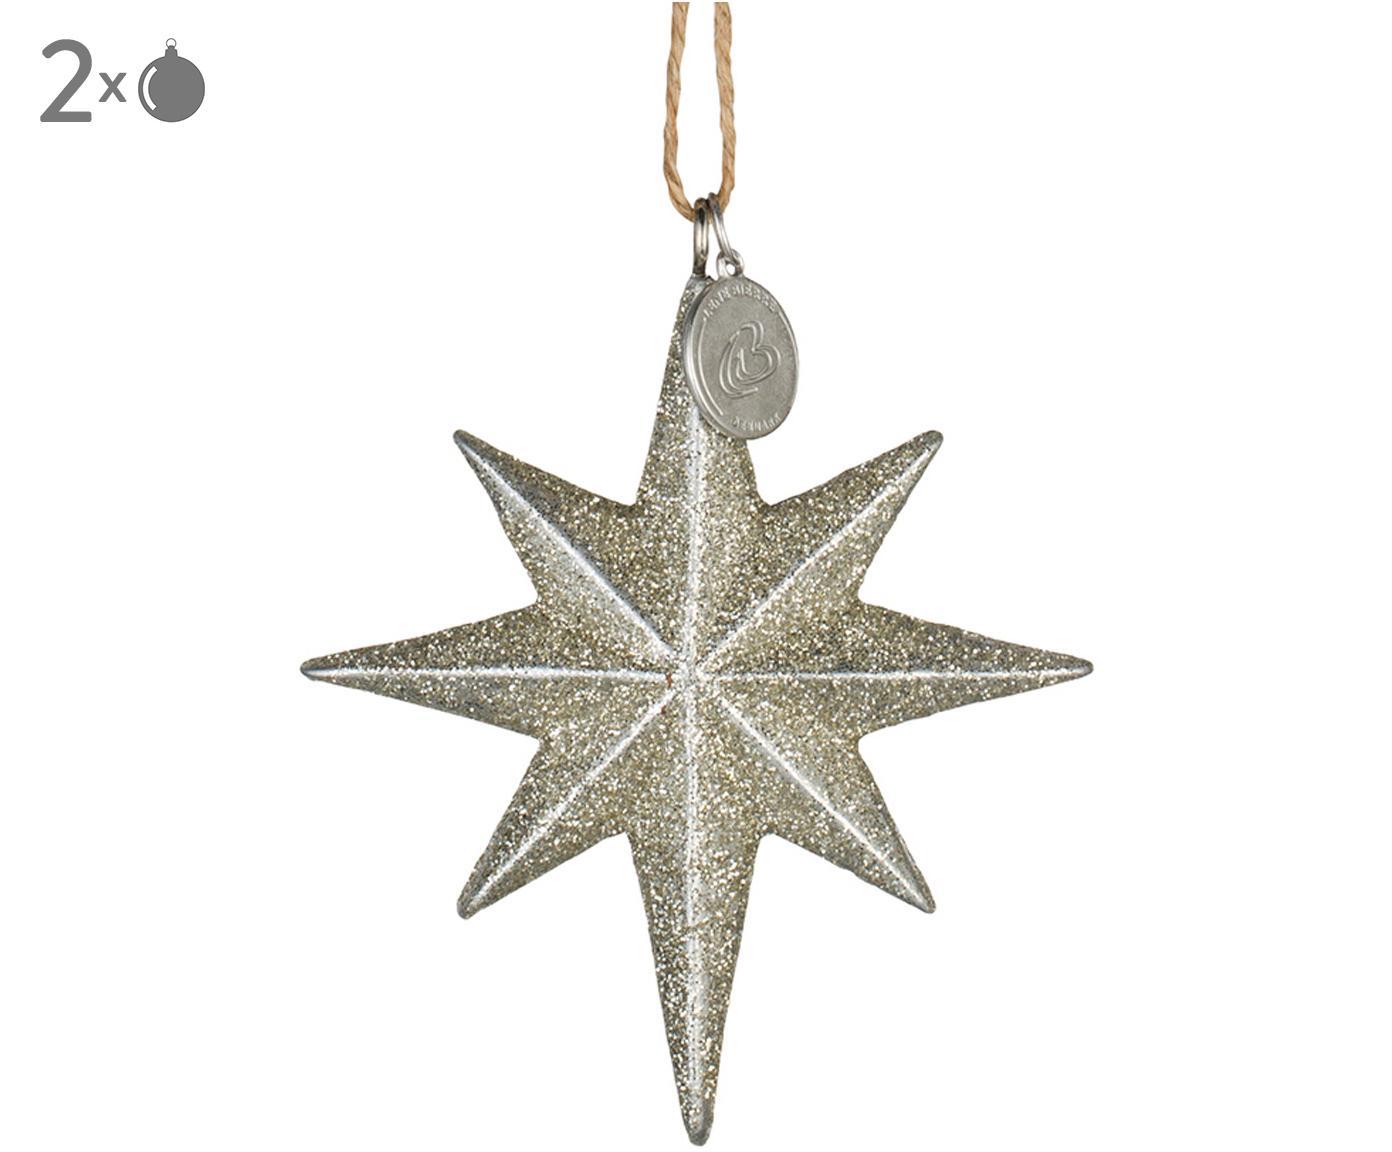 Kerstboomhangers Serafina Star, 2 stuks, Goudkleurig, 7 x 8 cm